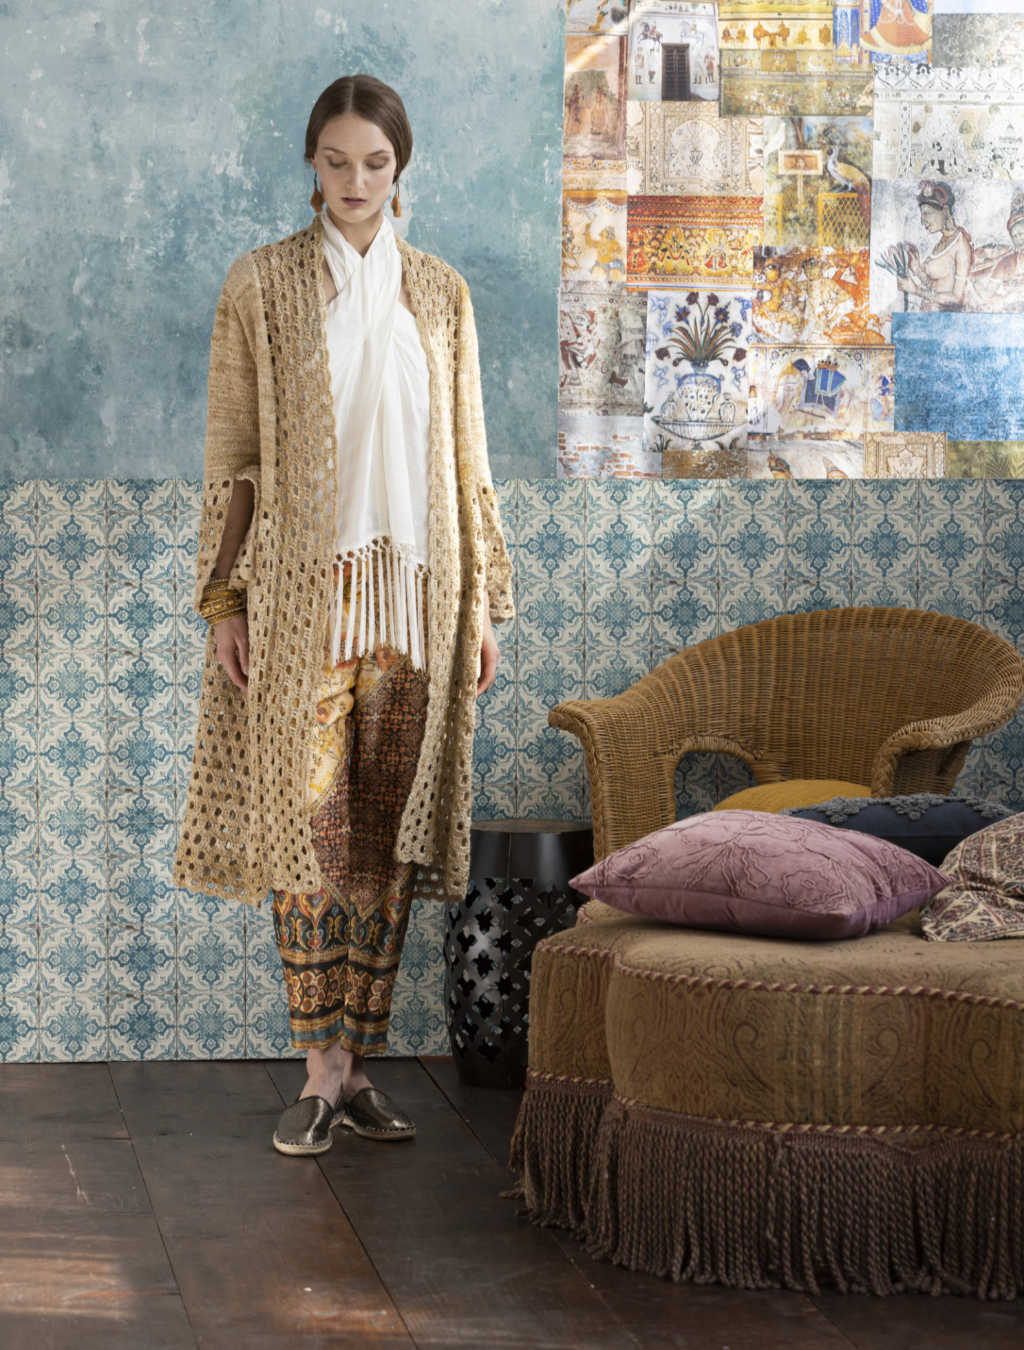 Beim Drehen mit dem Knit & Crochet Coat by Katrin Walter aus Noro Kumo #15 sieht man gut den weichen Fall des Mantels. Foto: Noro Magazine 16